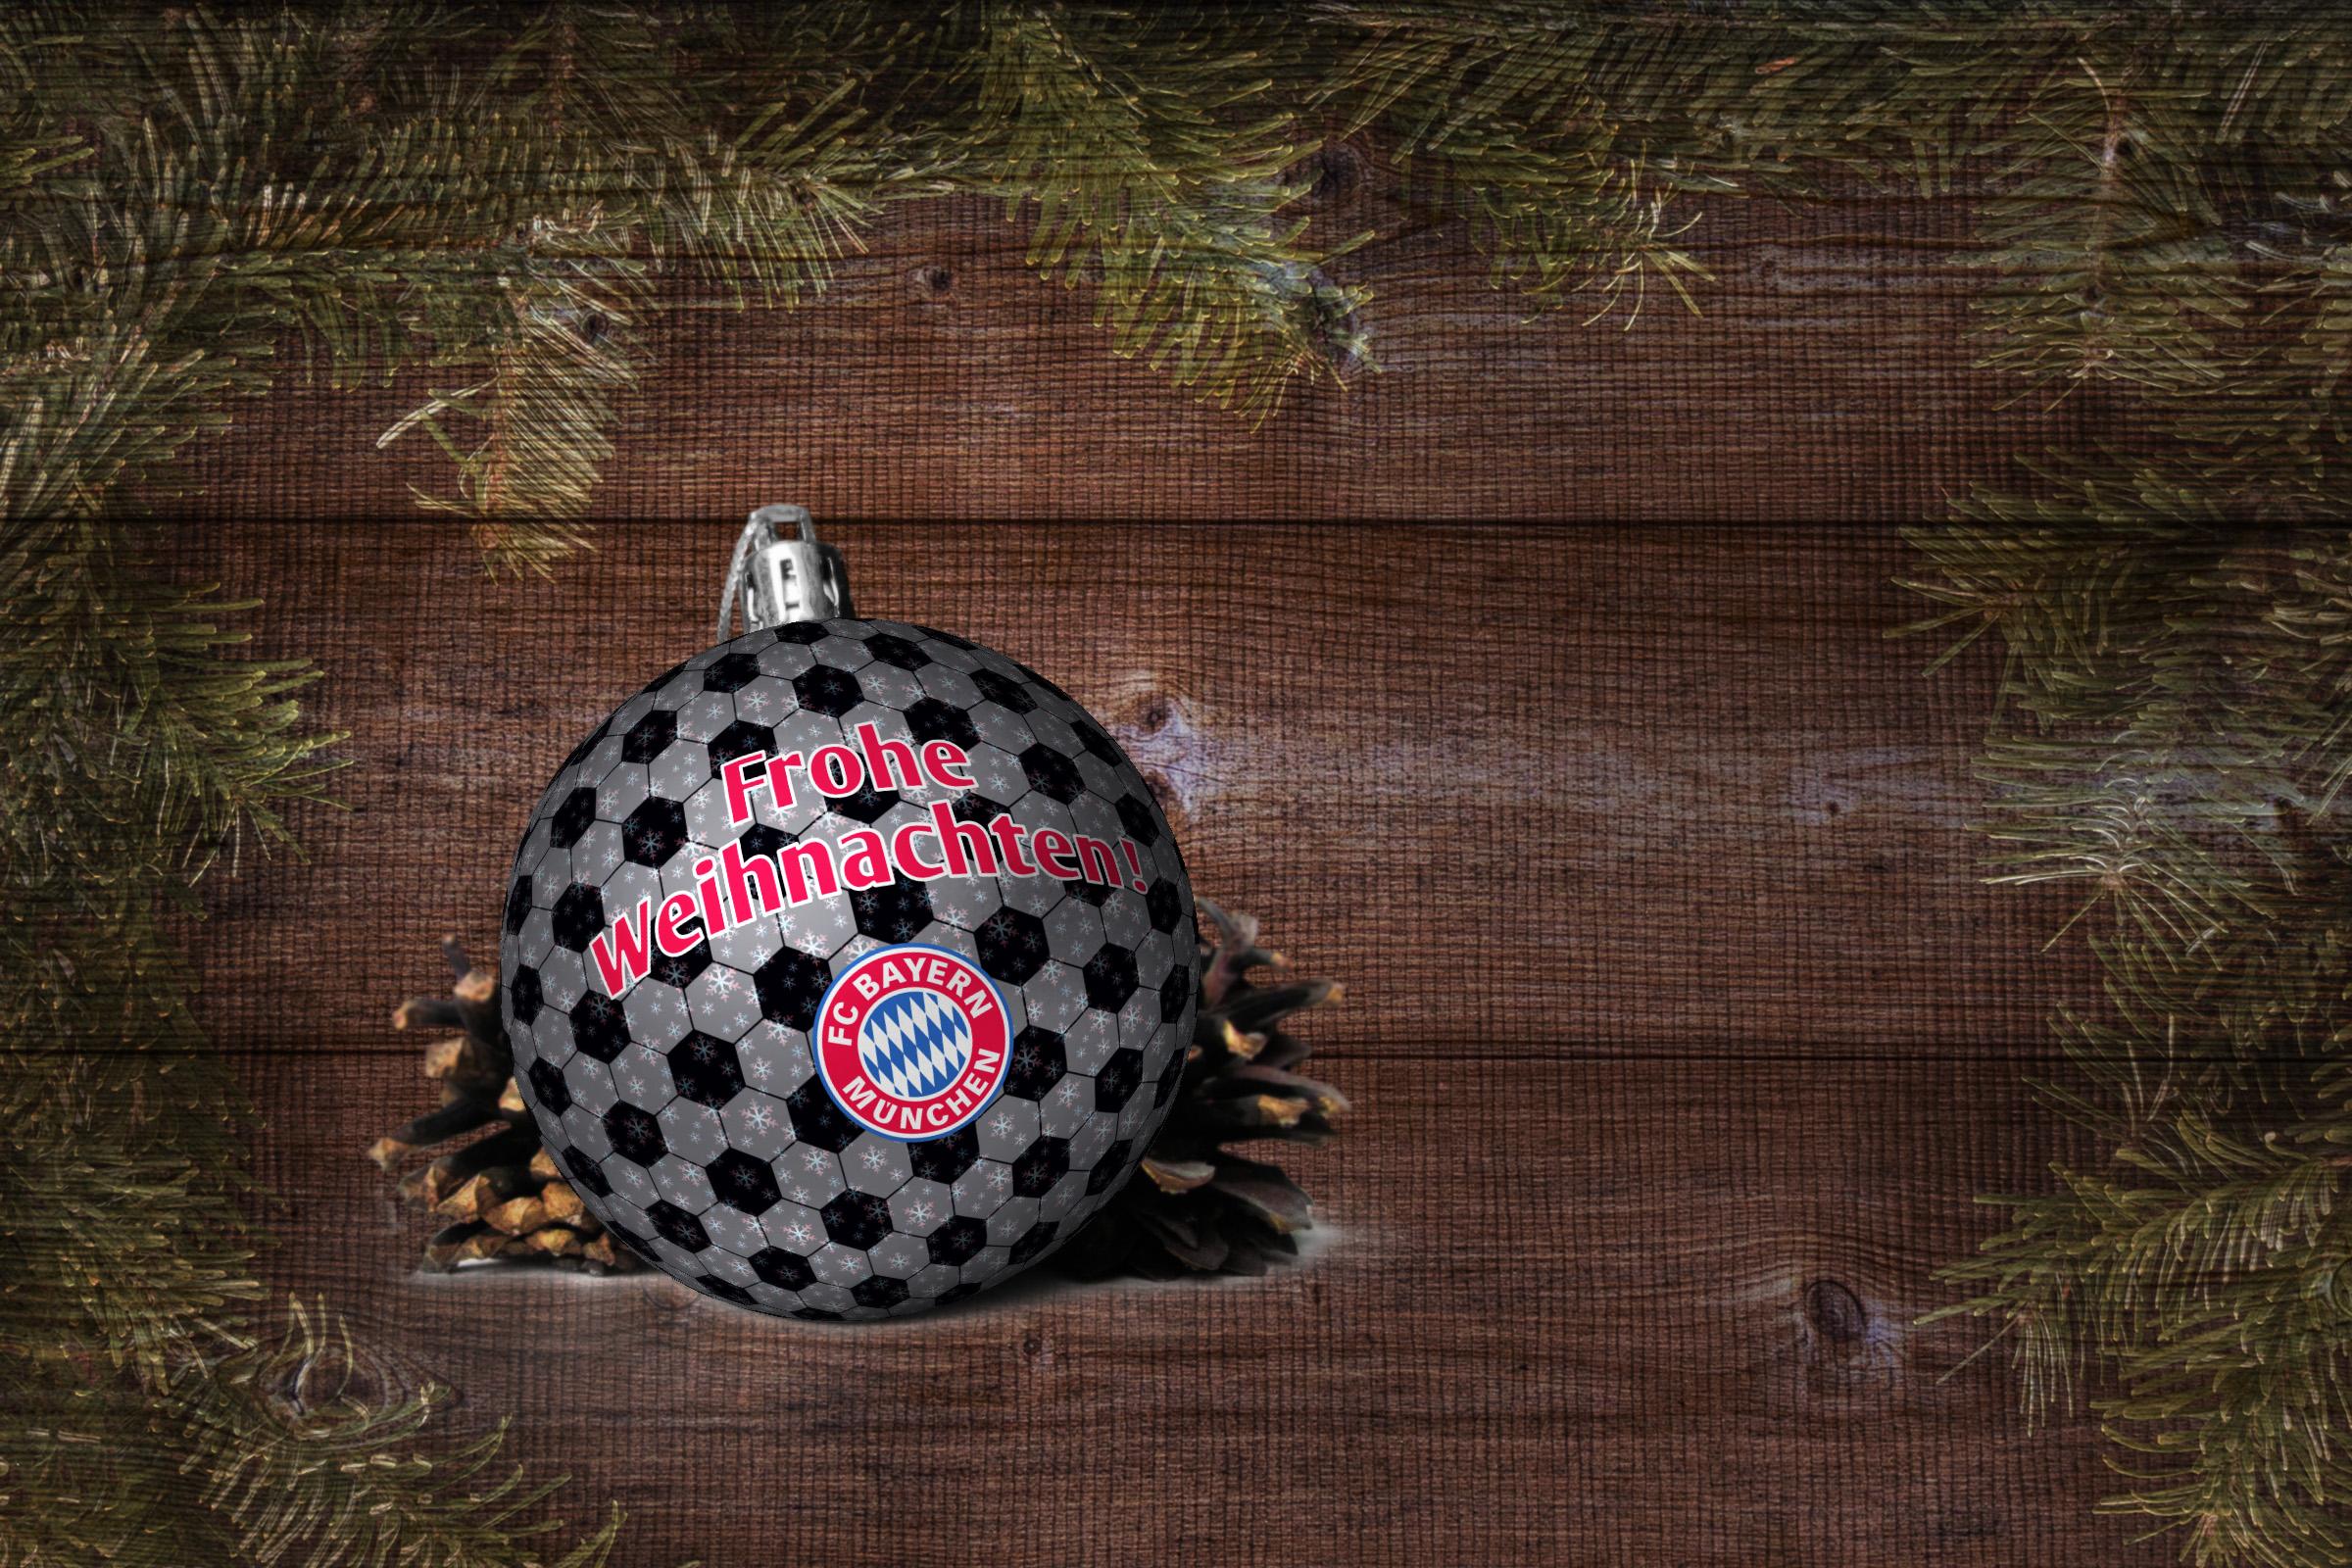 Bundesliga: Frohe Weihnachten! - Bilder